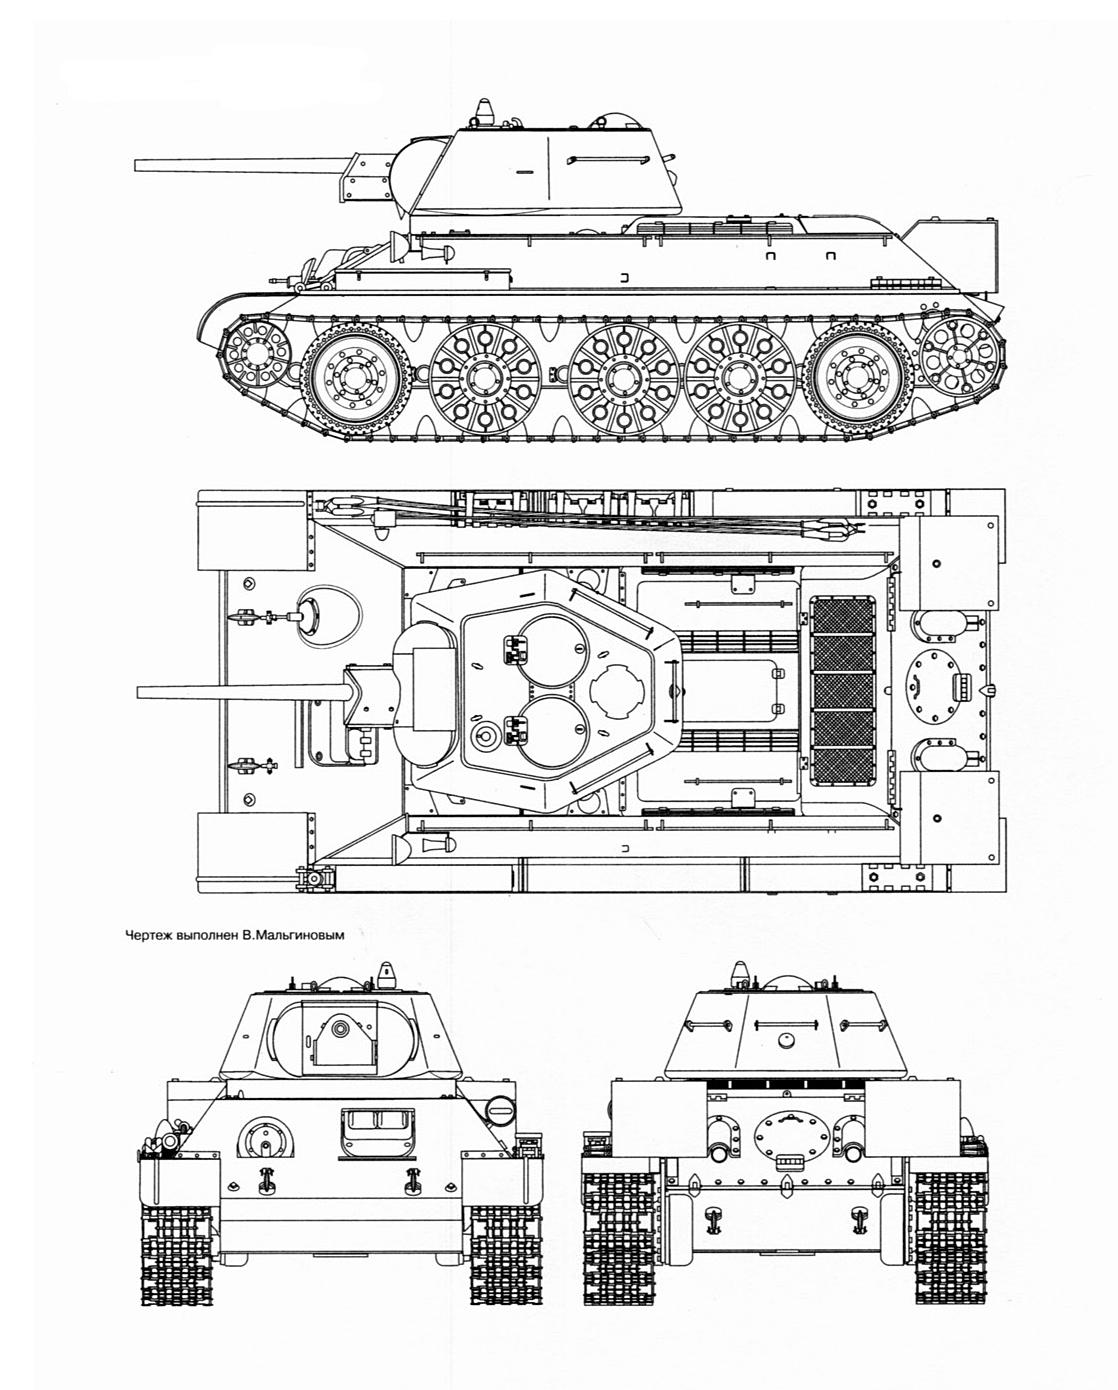 Sov T 34 76 Model 1942 1943 Sssr Nastupnicke Staty Sssr Sov